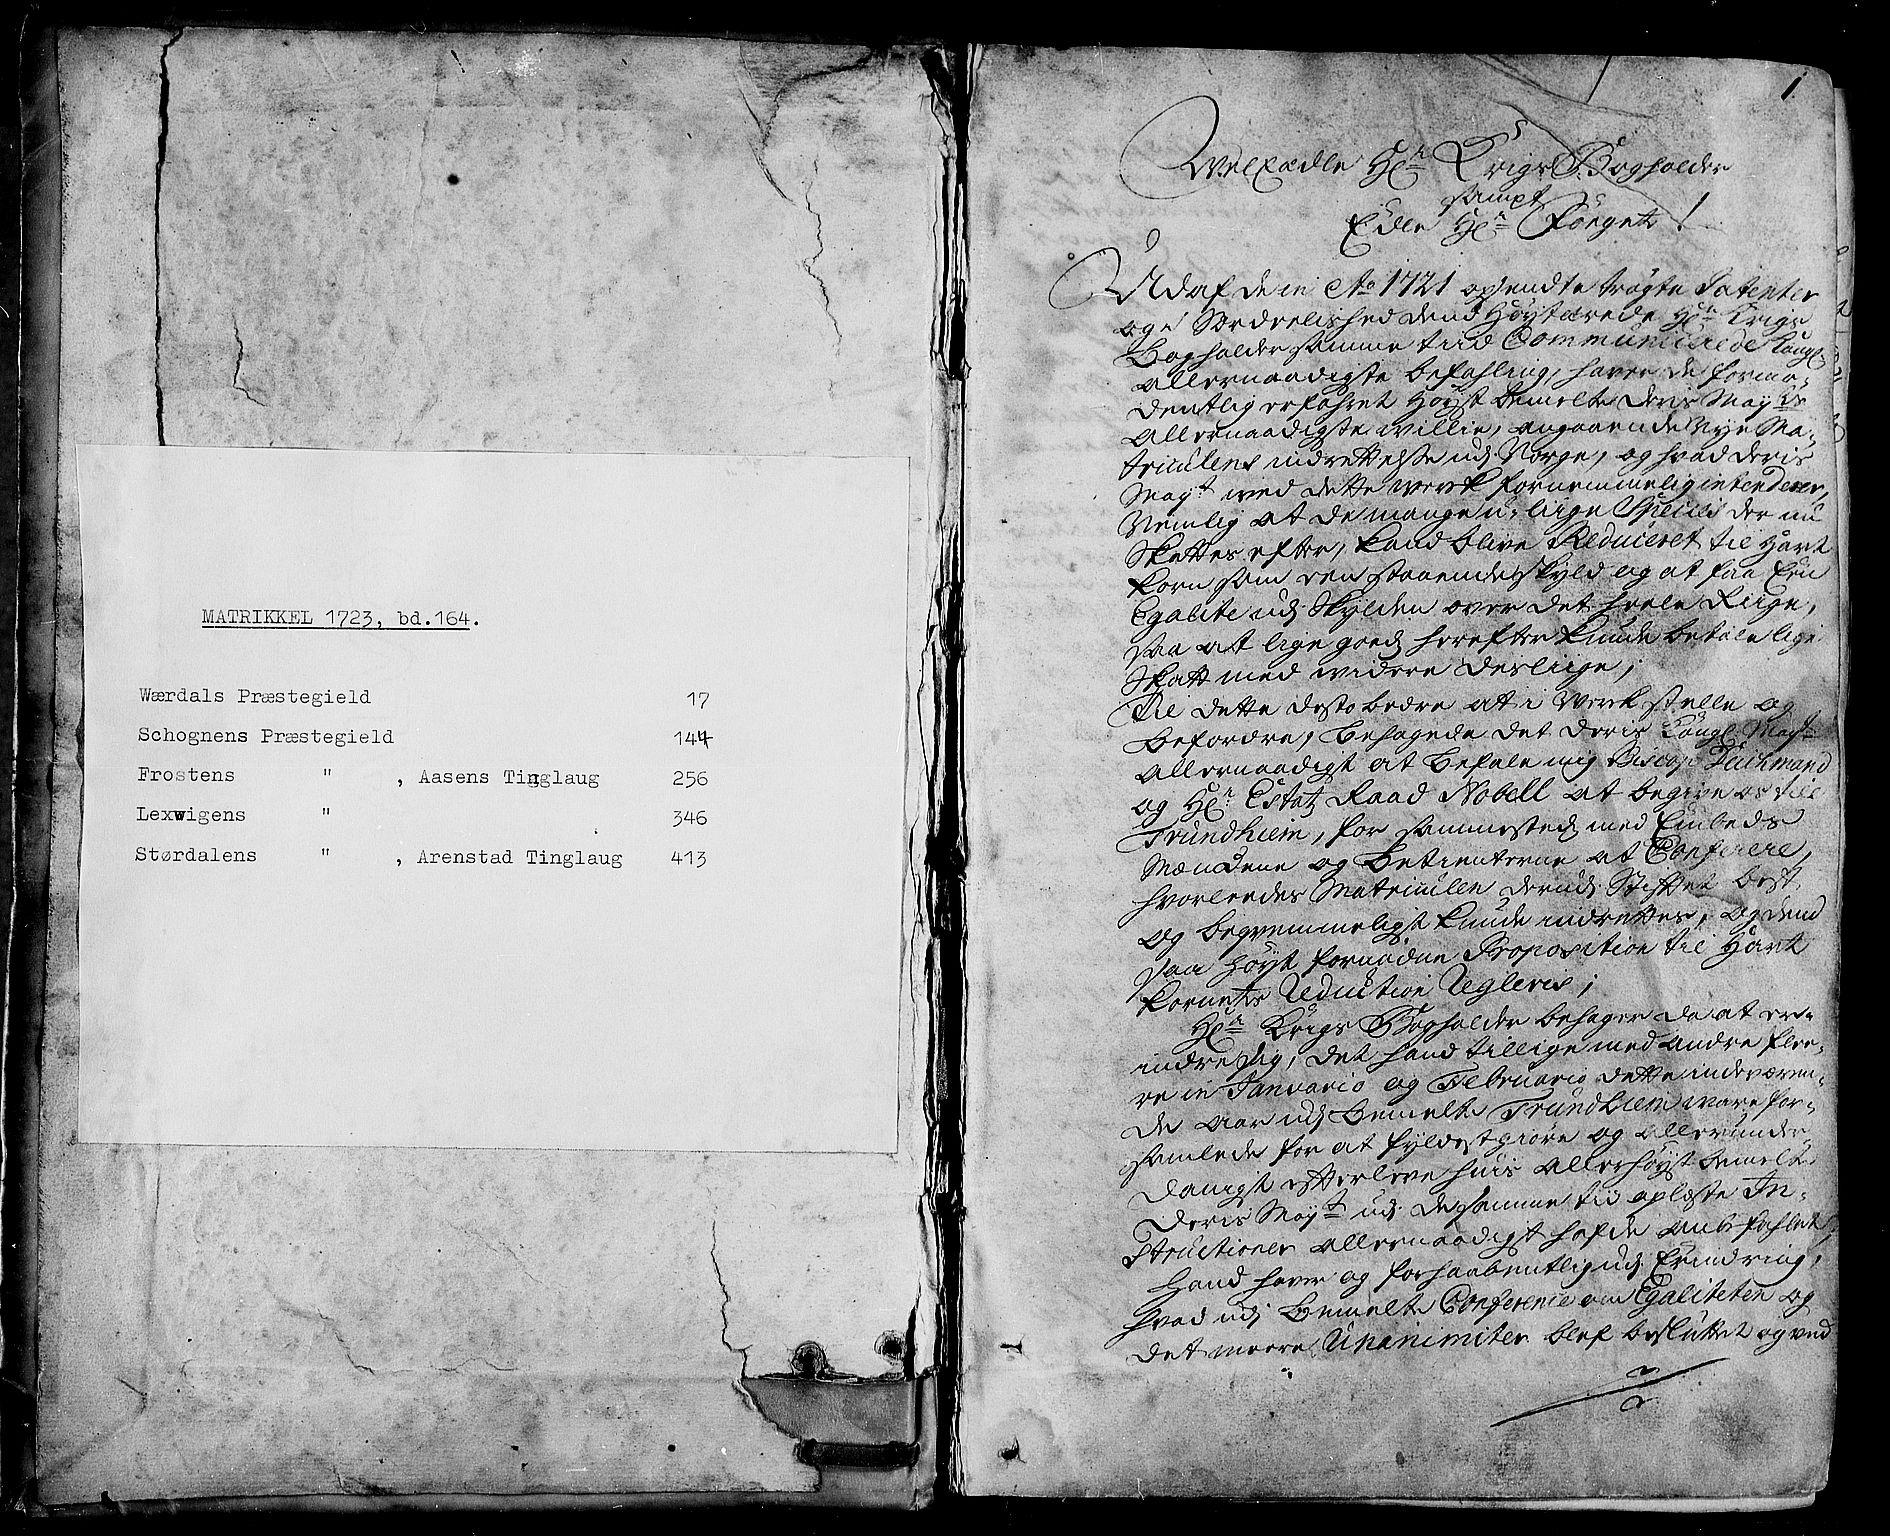 RA, Rentekammeret inntil 1814, Realistisk ordnet avdeling, N/Nb/Nbf/L0164: Stjørdal og Verdal eksaminasjonsprotokoll, 1723, s. 1a